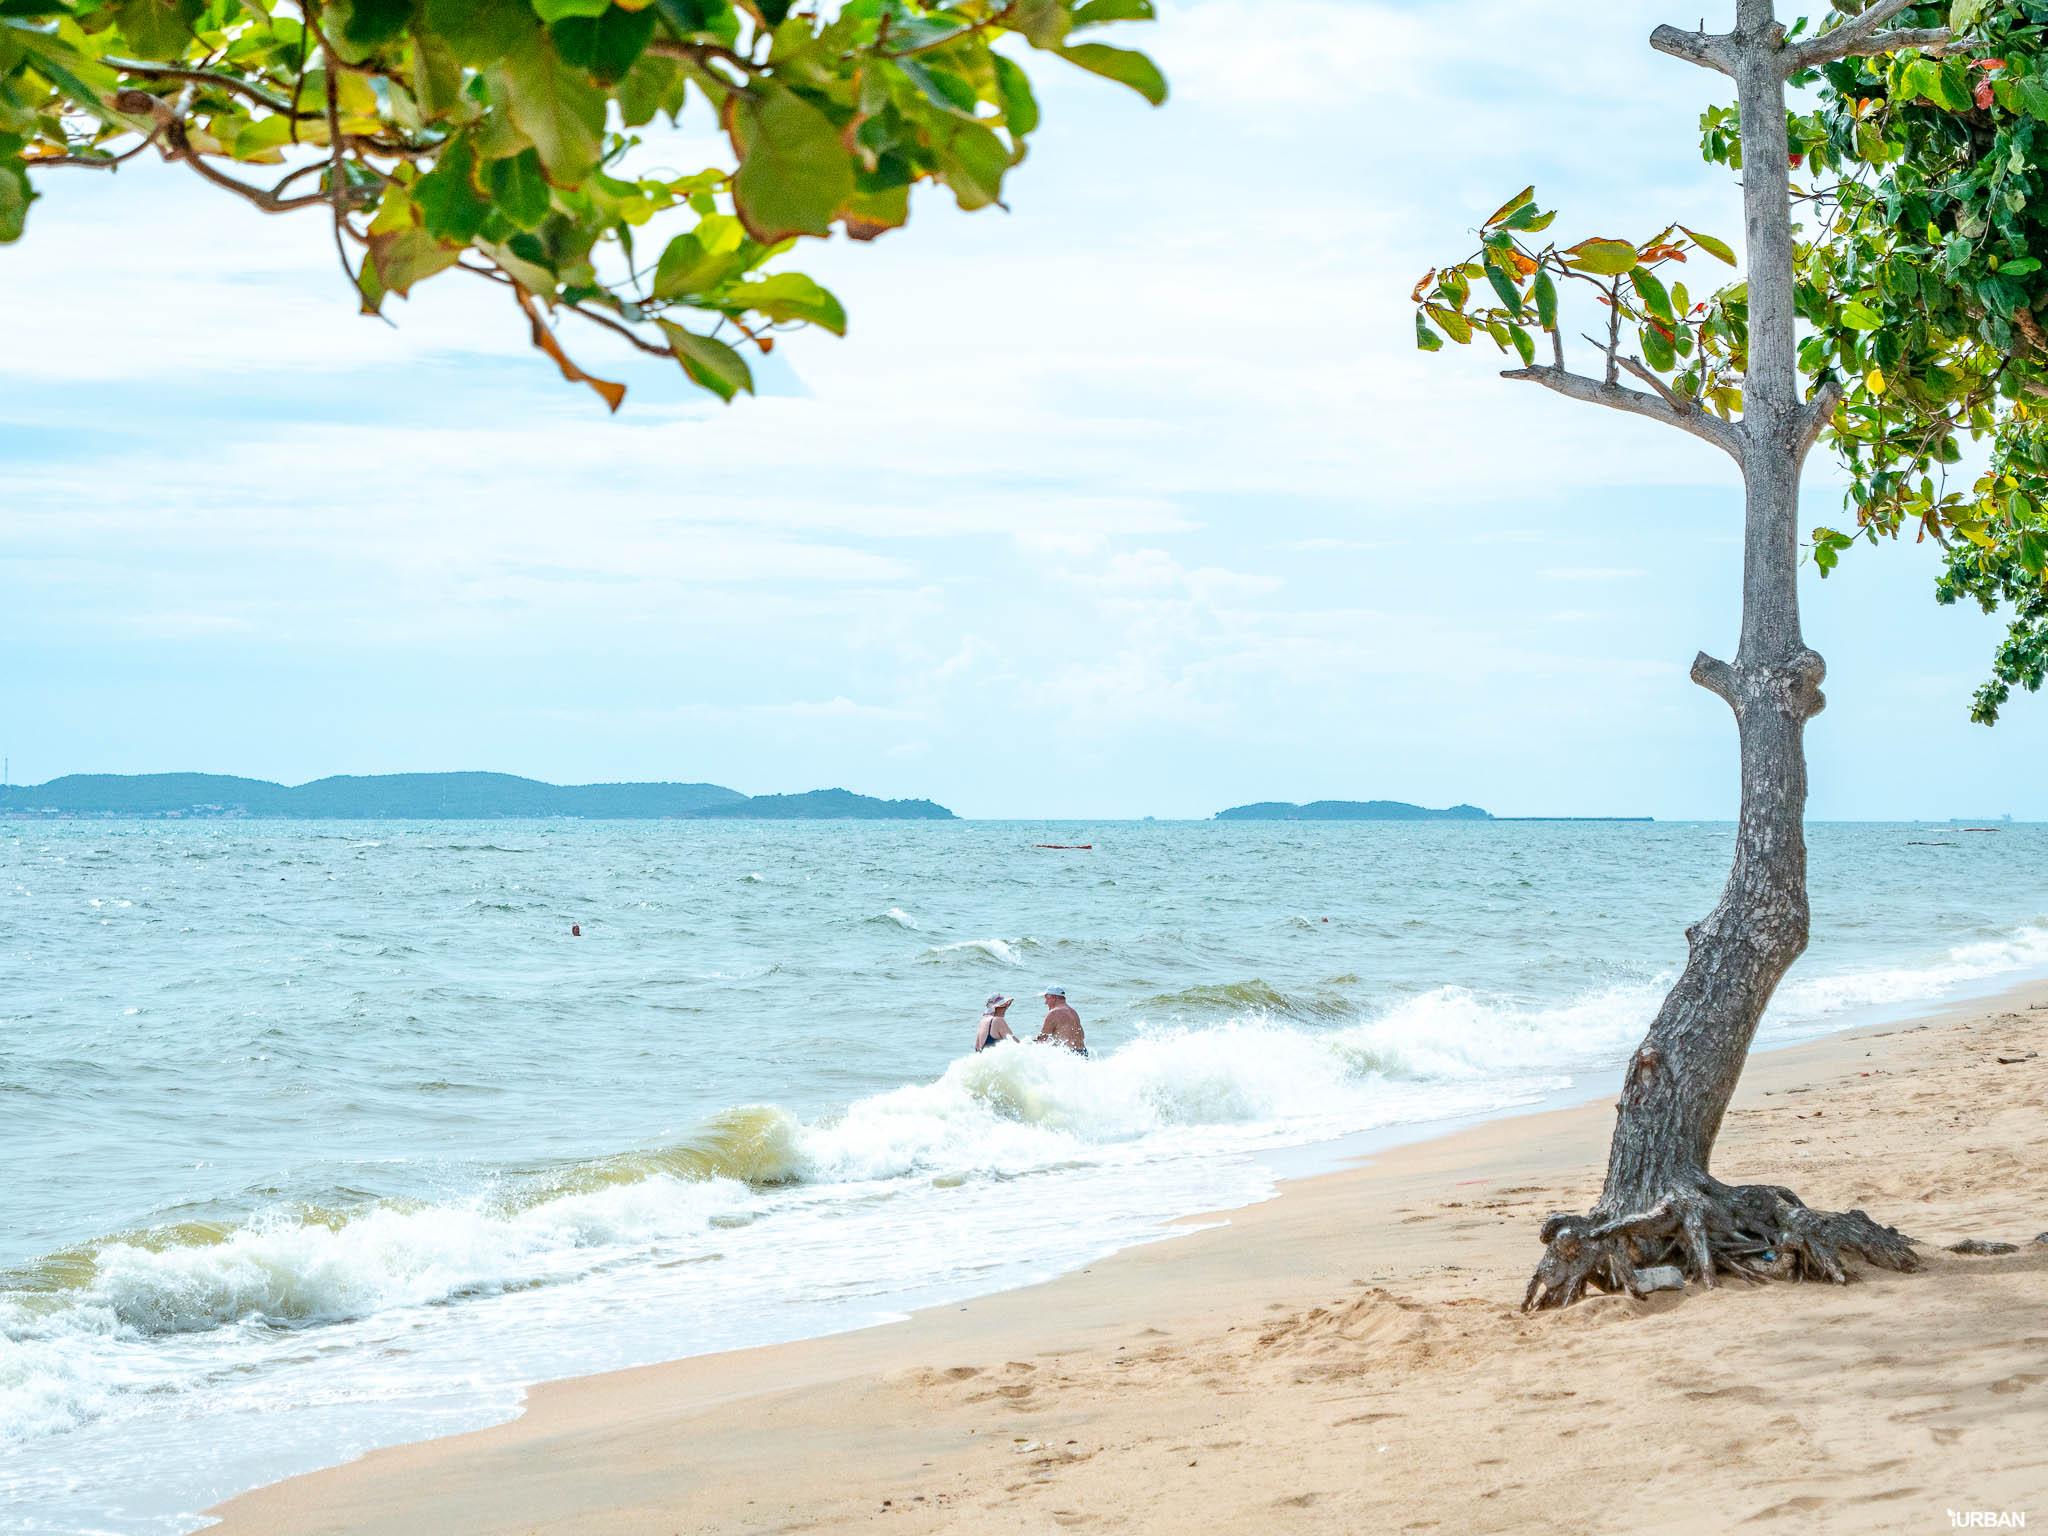 7 ชายหาดทะเลพัทยา ที่ยังสวยสะอาดน่าเที่ยวใกล้กรุงเทพ ไม่ต้องหนีร้อนไปไกล ก็พักได้ ชิลๆ 135 - Beach